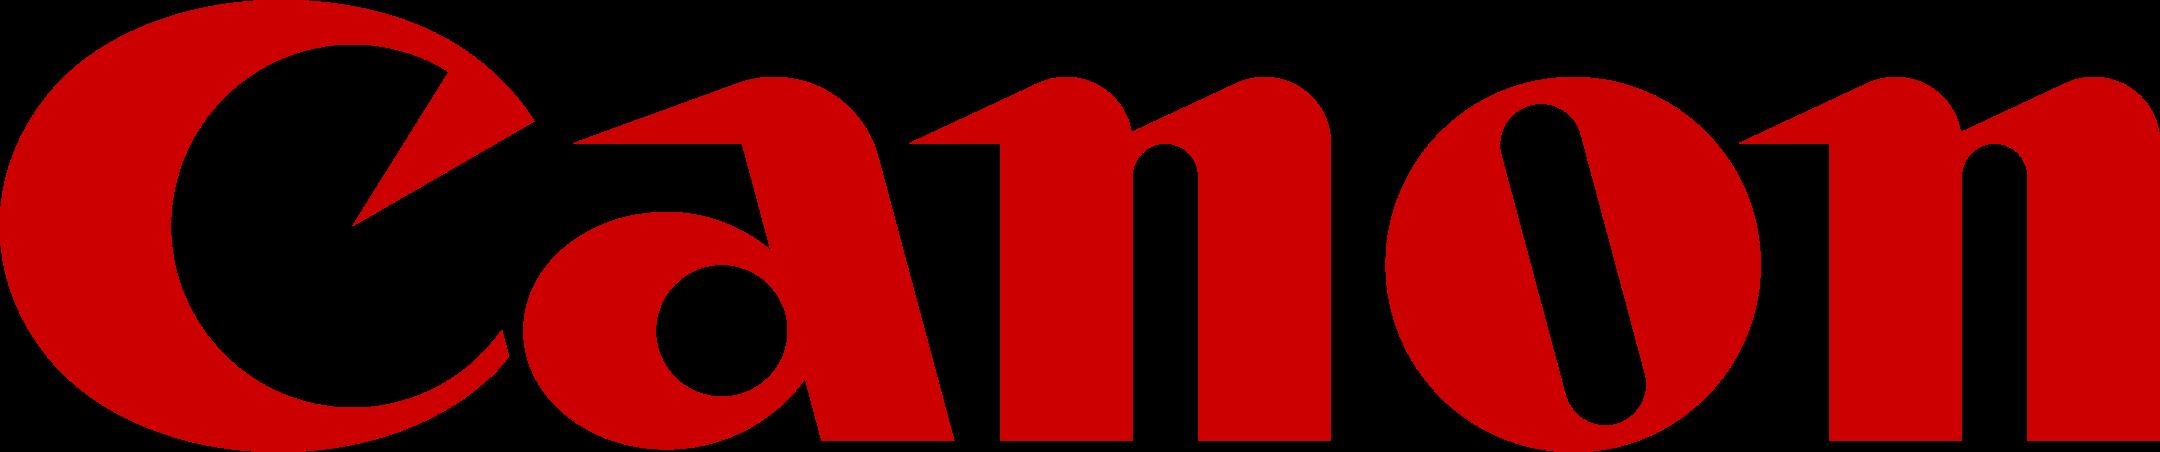 canon logo 1 1 - Canon Logo